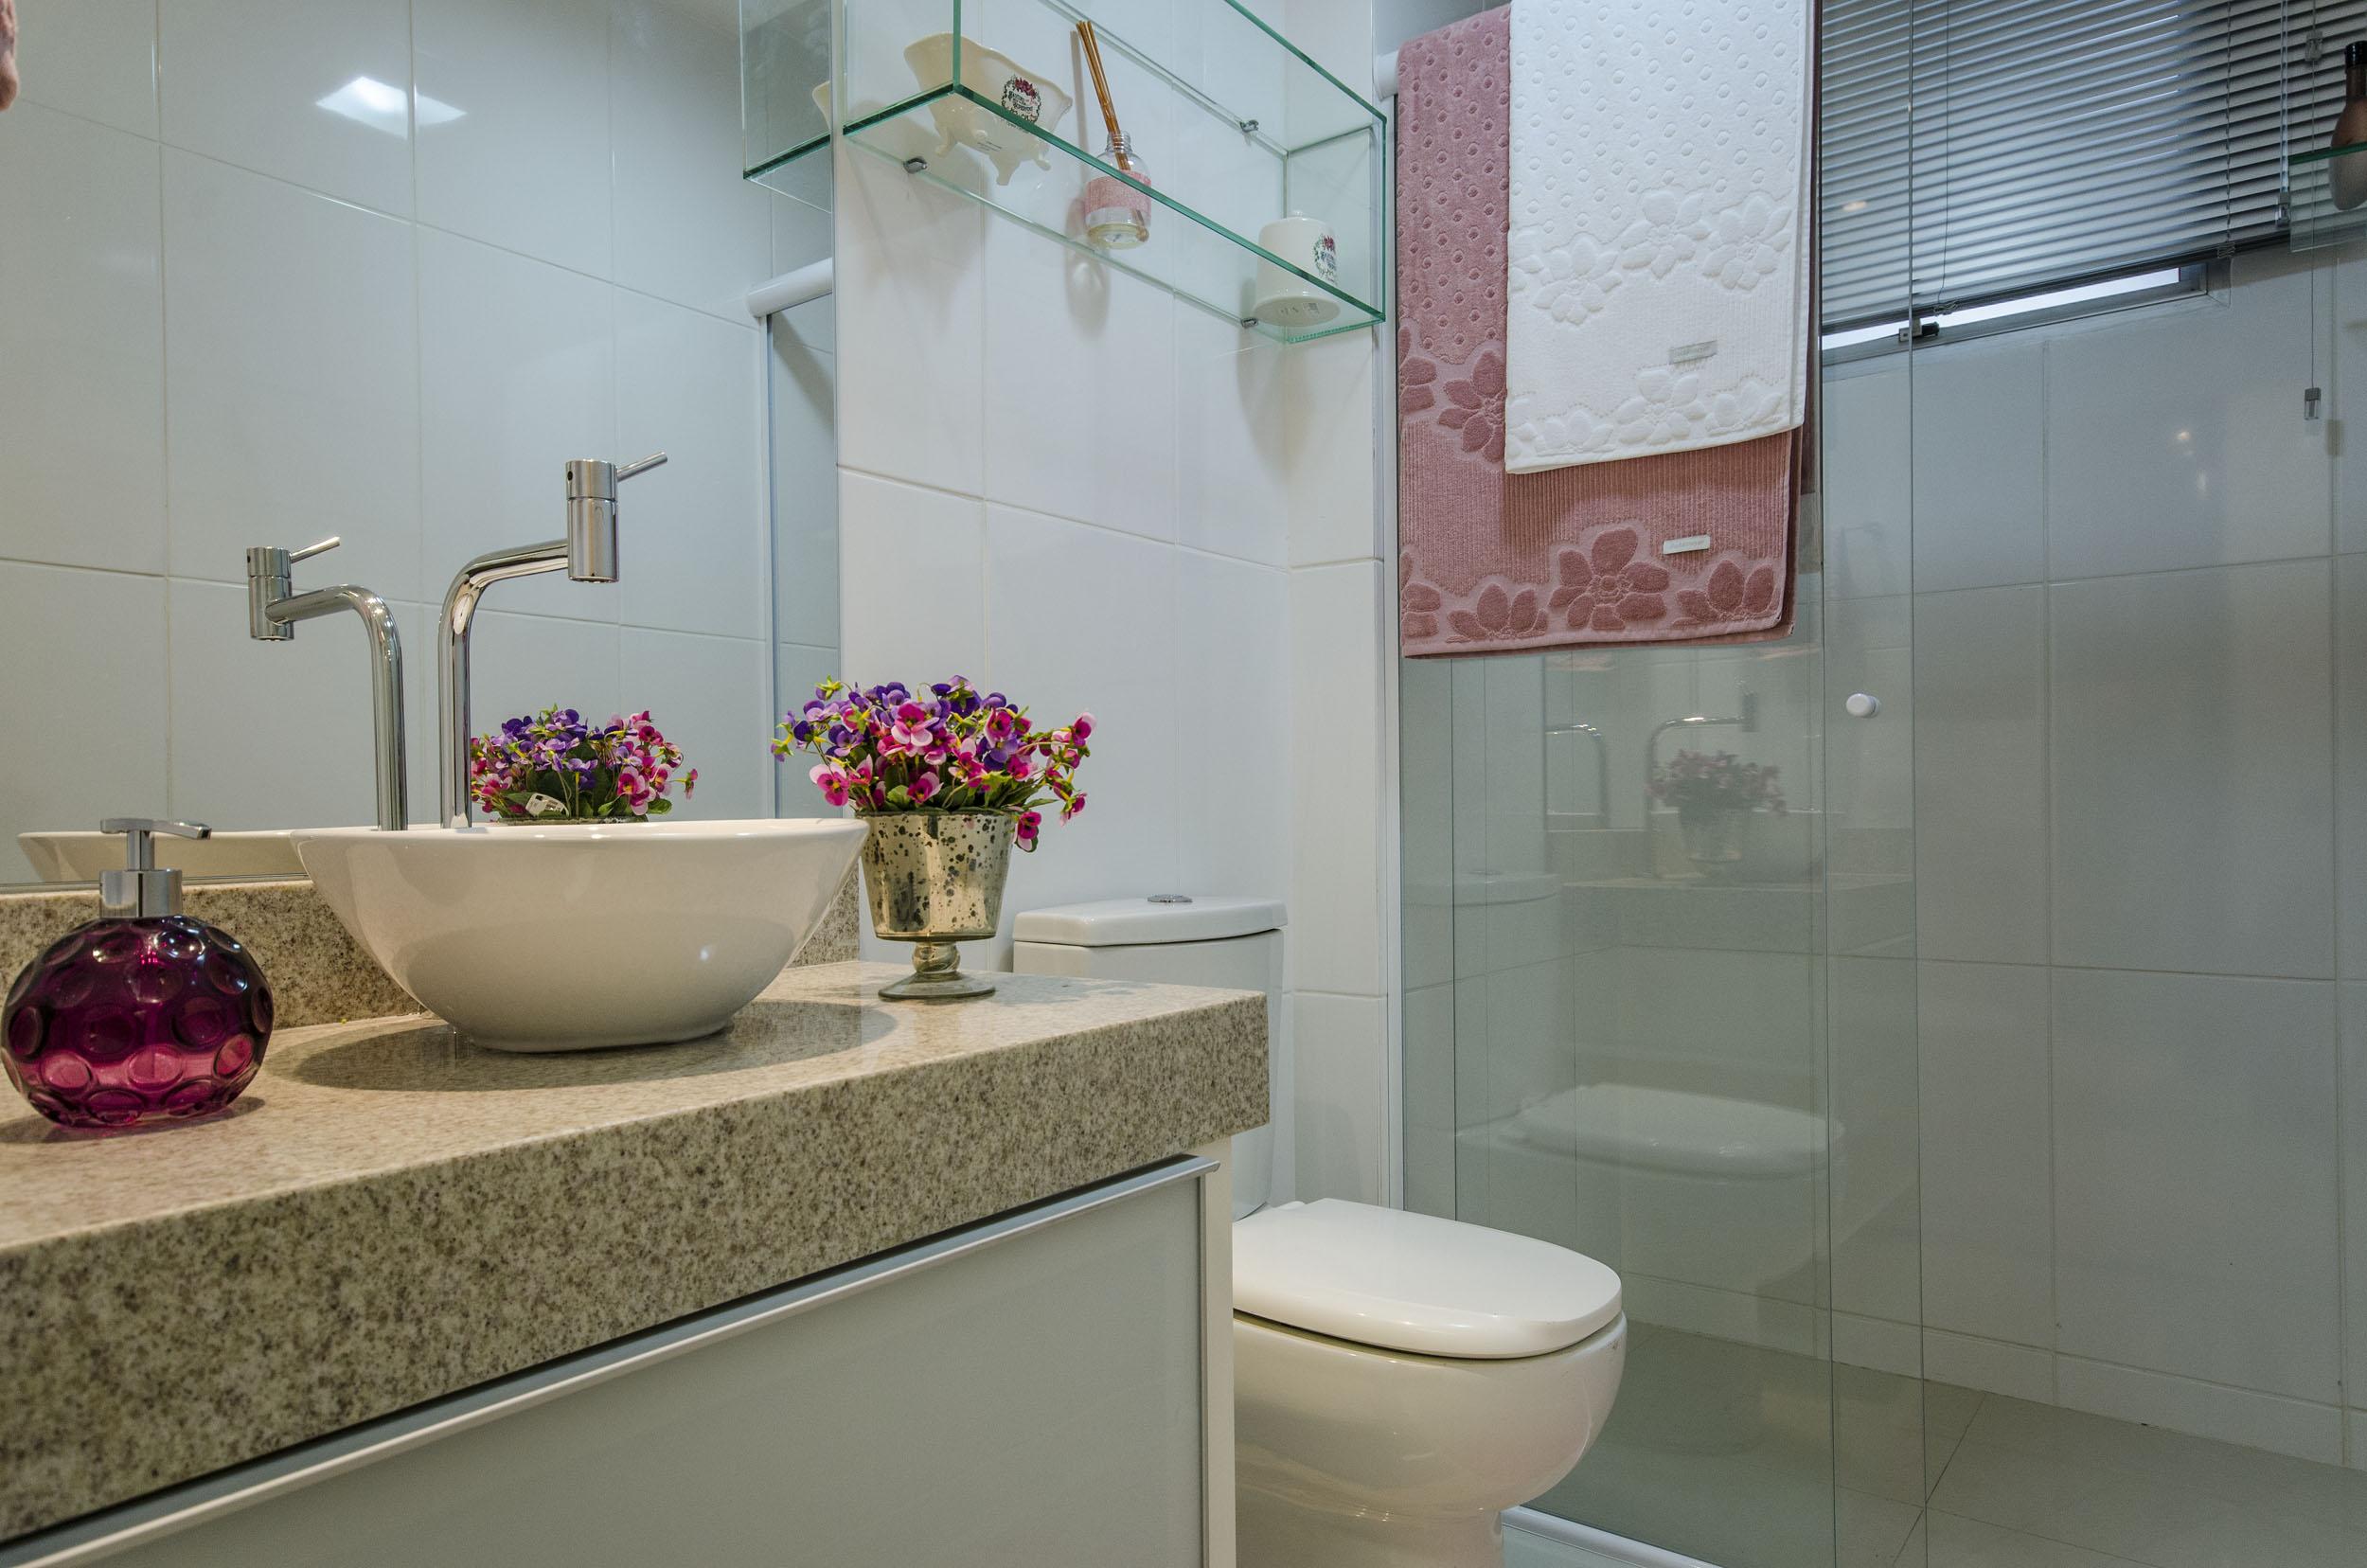 Dicas e truques simples para deixar seu banheiro mais charmoso  Blog Corpora -> Banheiro Pequeno Mrv